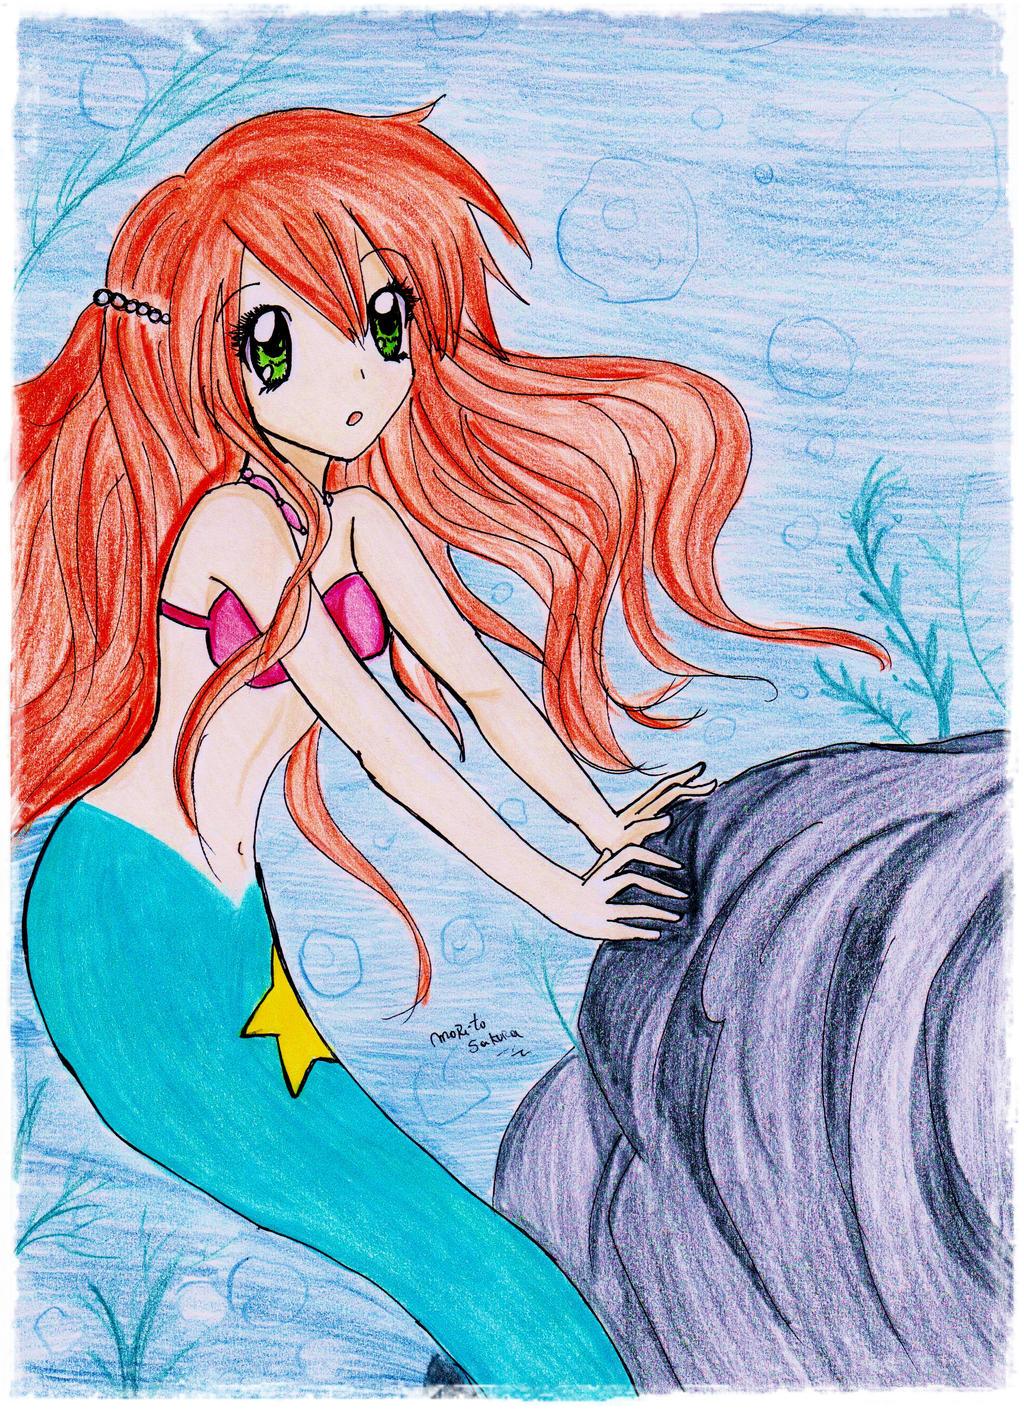 Mermaid Misty by MoritoSakura